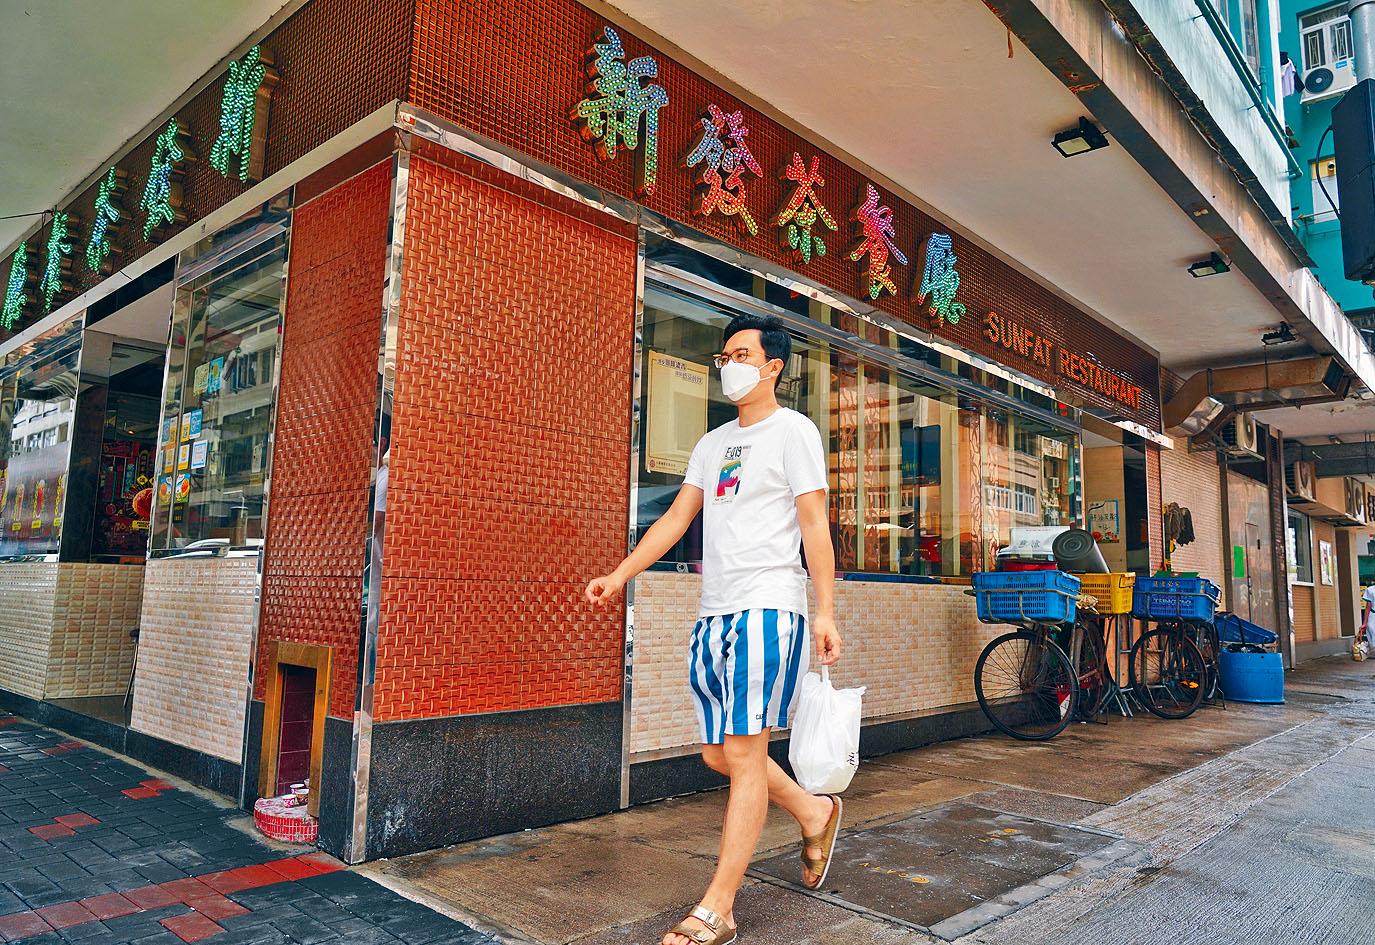 因多名食客感染,佐敦新發茶餐廳暫停營業。中新社